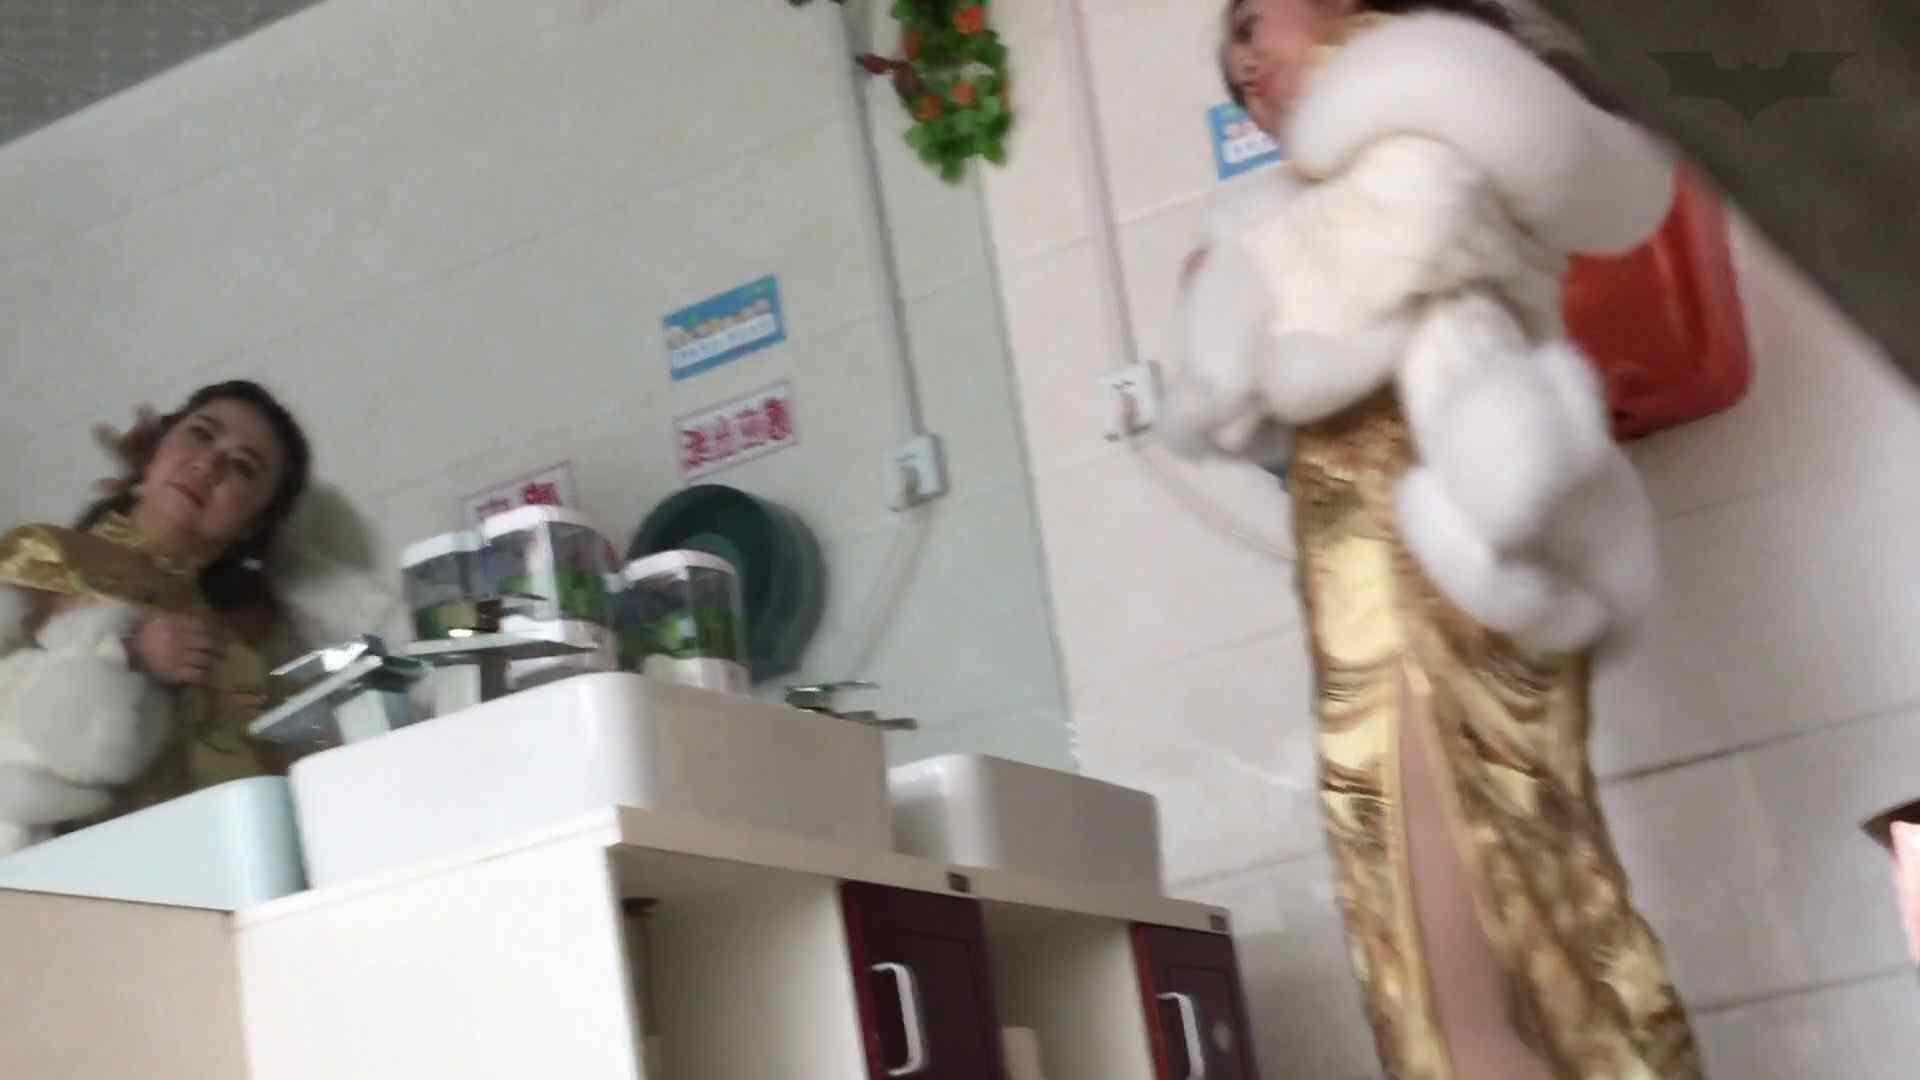 芸術大学ガチ潜入盗撮 JD盗撮 美女の洗面所の秘密 Vol.111 盗撮で悶絶 セックス画像 96画像 51